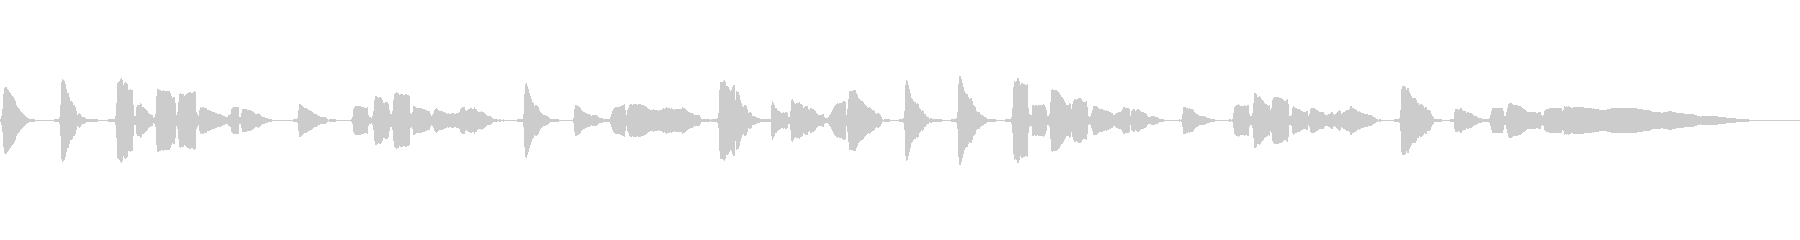 サックス一本での官能的な曲の未再生の波形